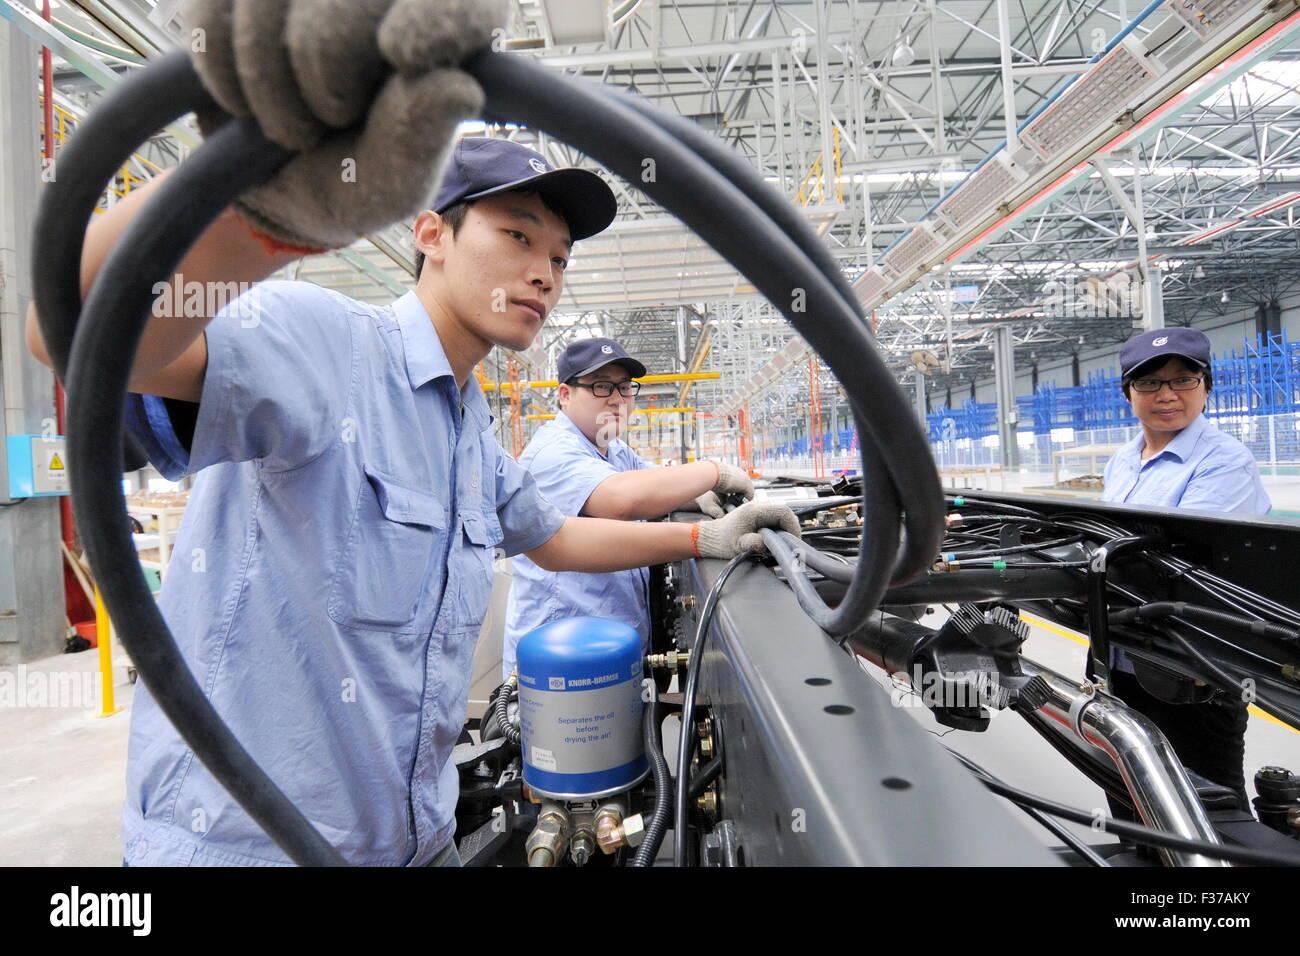 (151001)--XINGTAI, 1. Oktober 2015 (Xinhua)--Arbeiter arbeiten auf einem Fließband an einem Produktionsstandort Stockbild